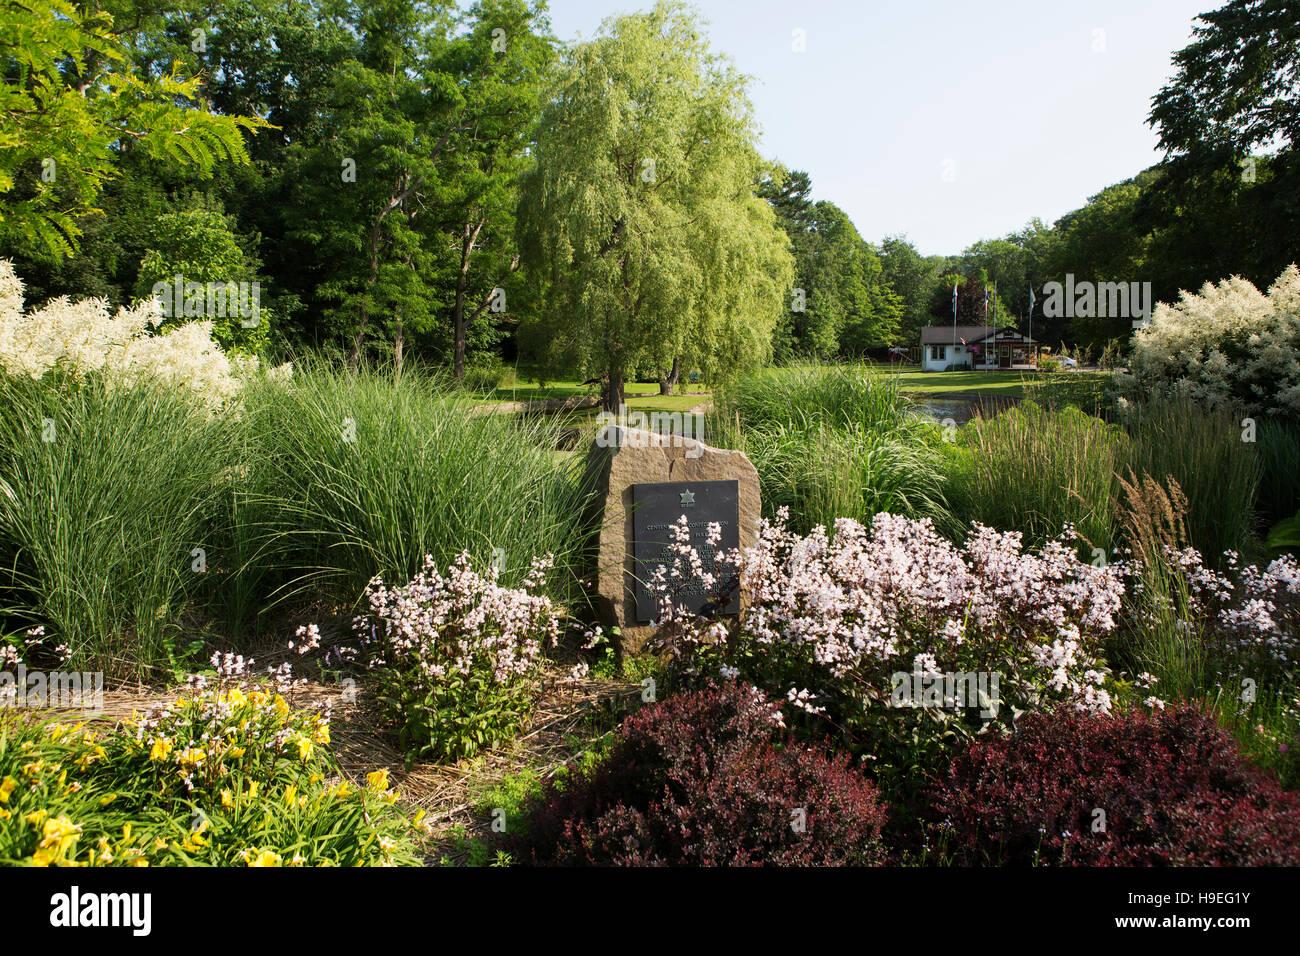 Willow Park à Wolfville, en Nouvelle-Écosse, Canada. Le parc a été créé à l'occasion du centenaire de la Confédération du Canada. Banque D'Images